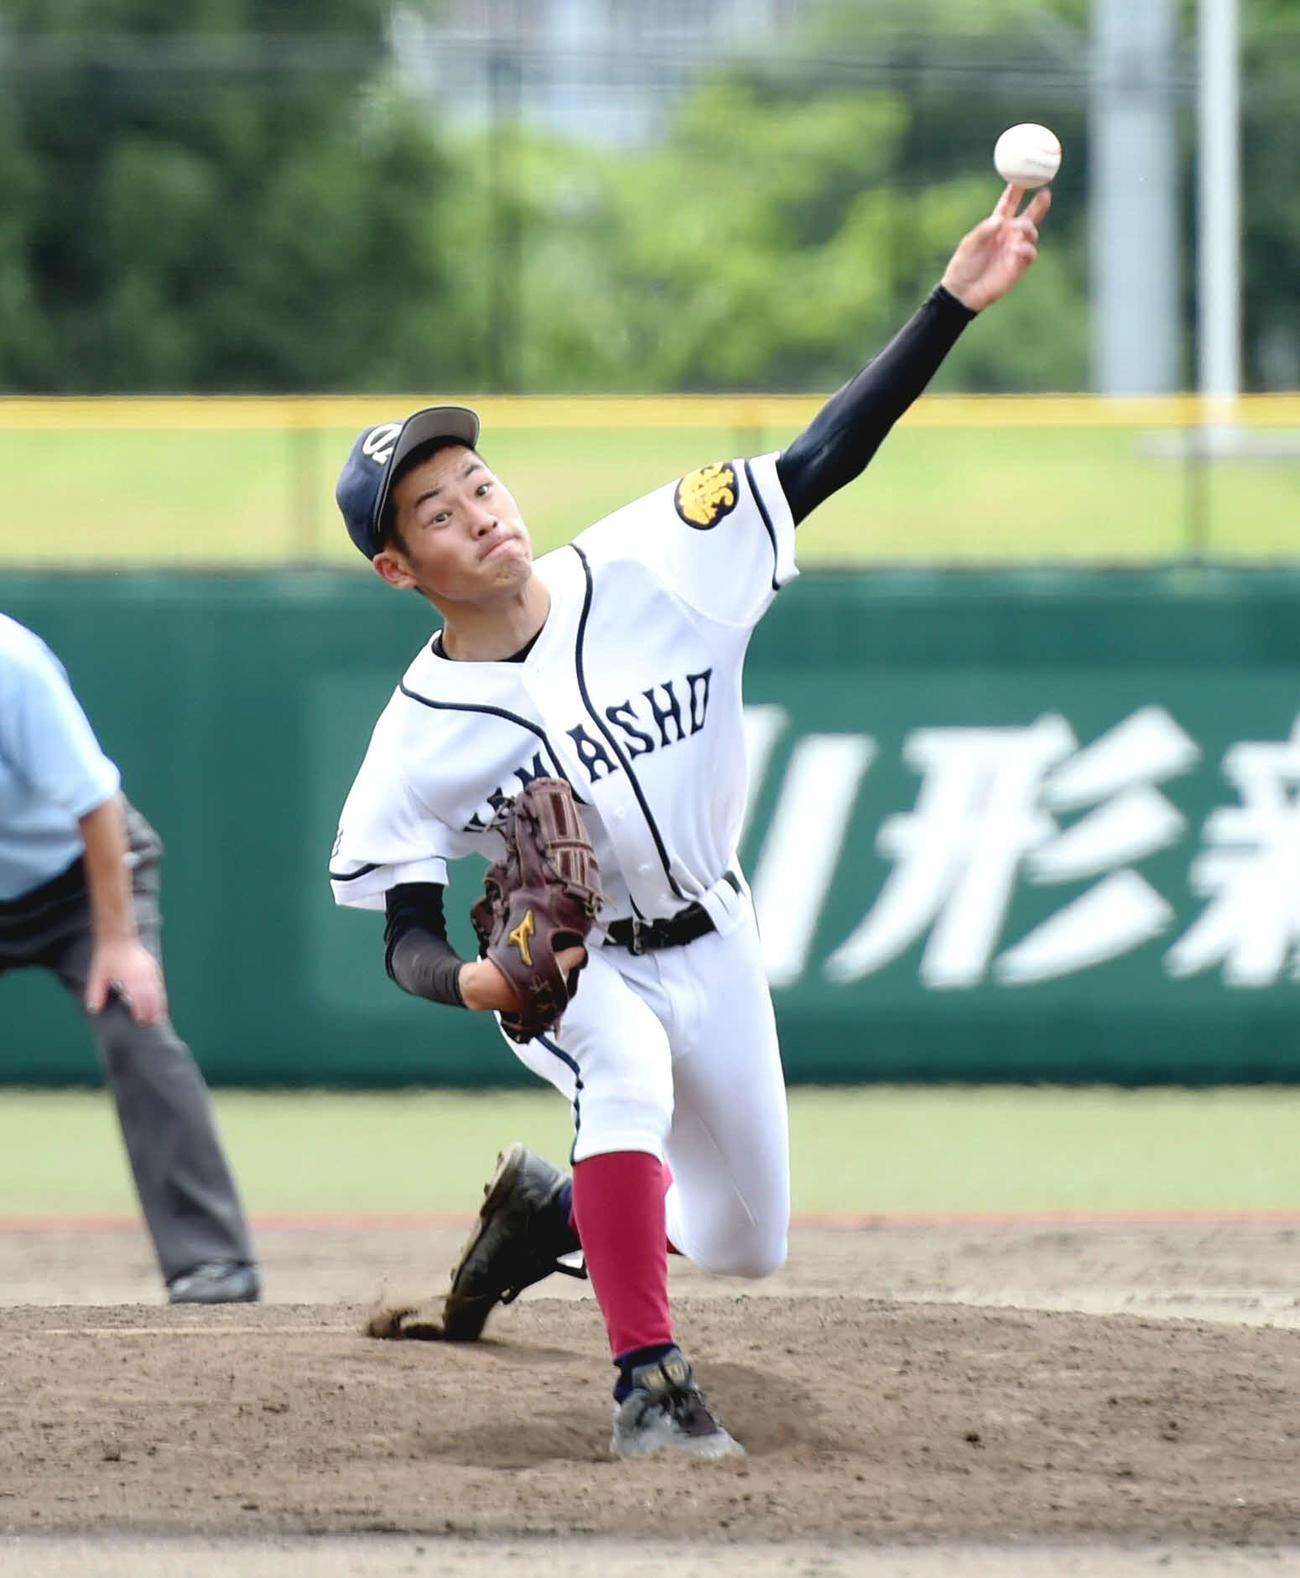 群馬 高校 野球 2ch 群馬県高校野球スレ PART225